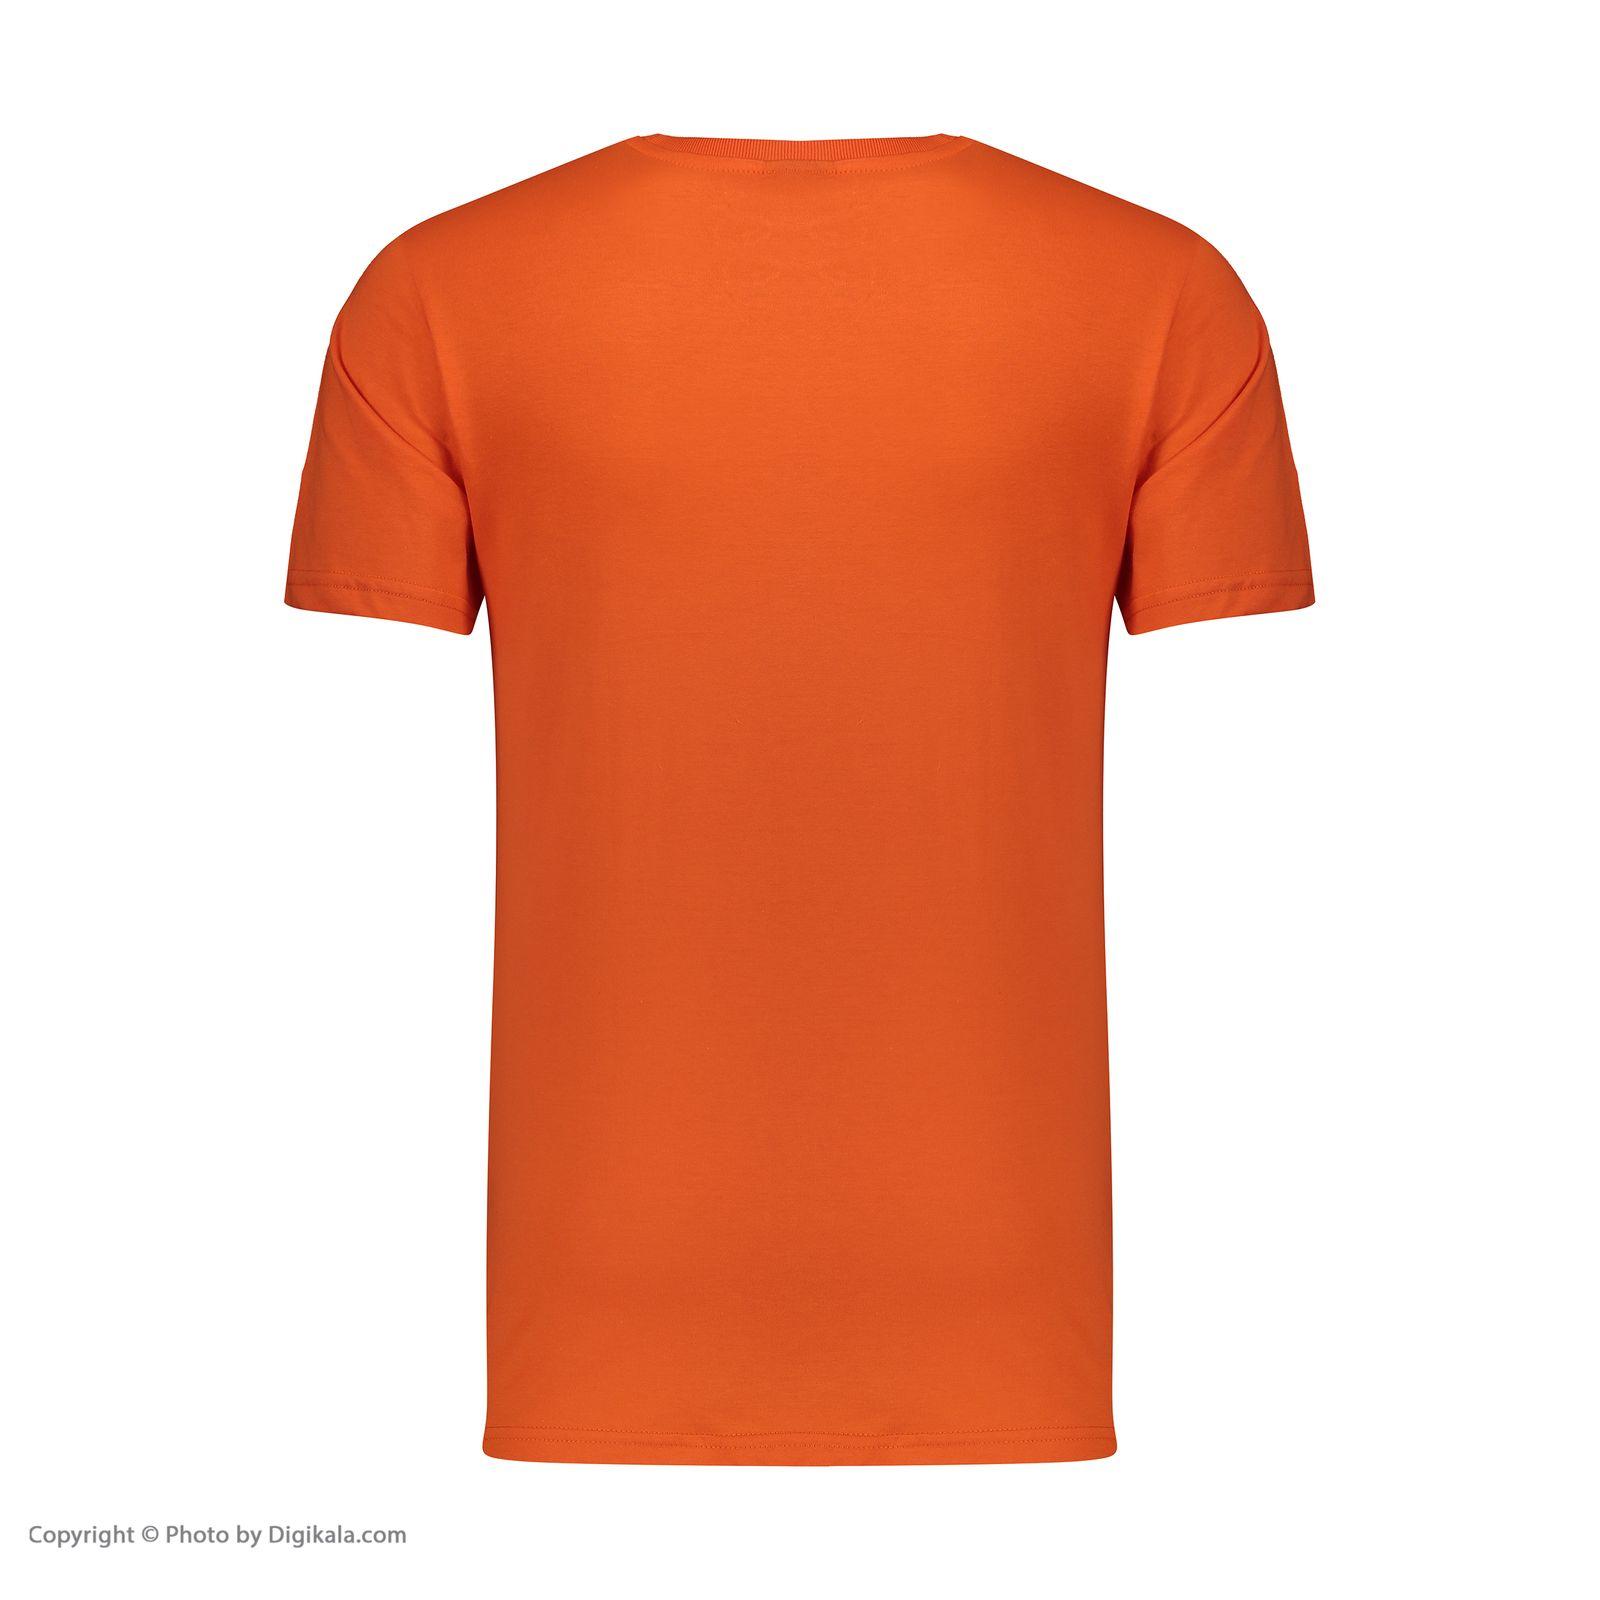 تی شرت ورزشی مردانه یونی پرو مدل 914119324-30 -  - 4